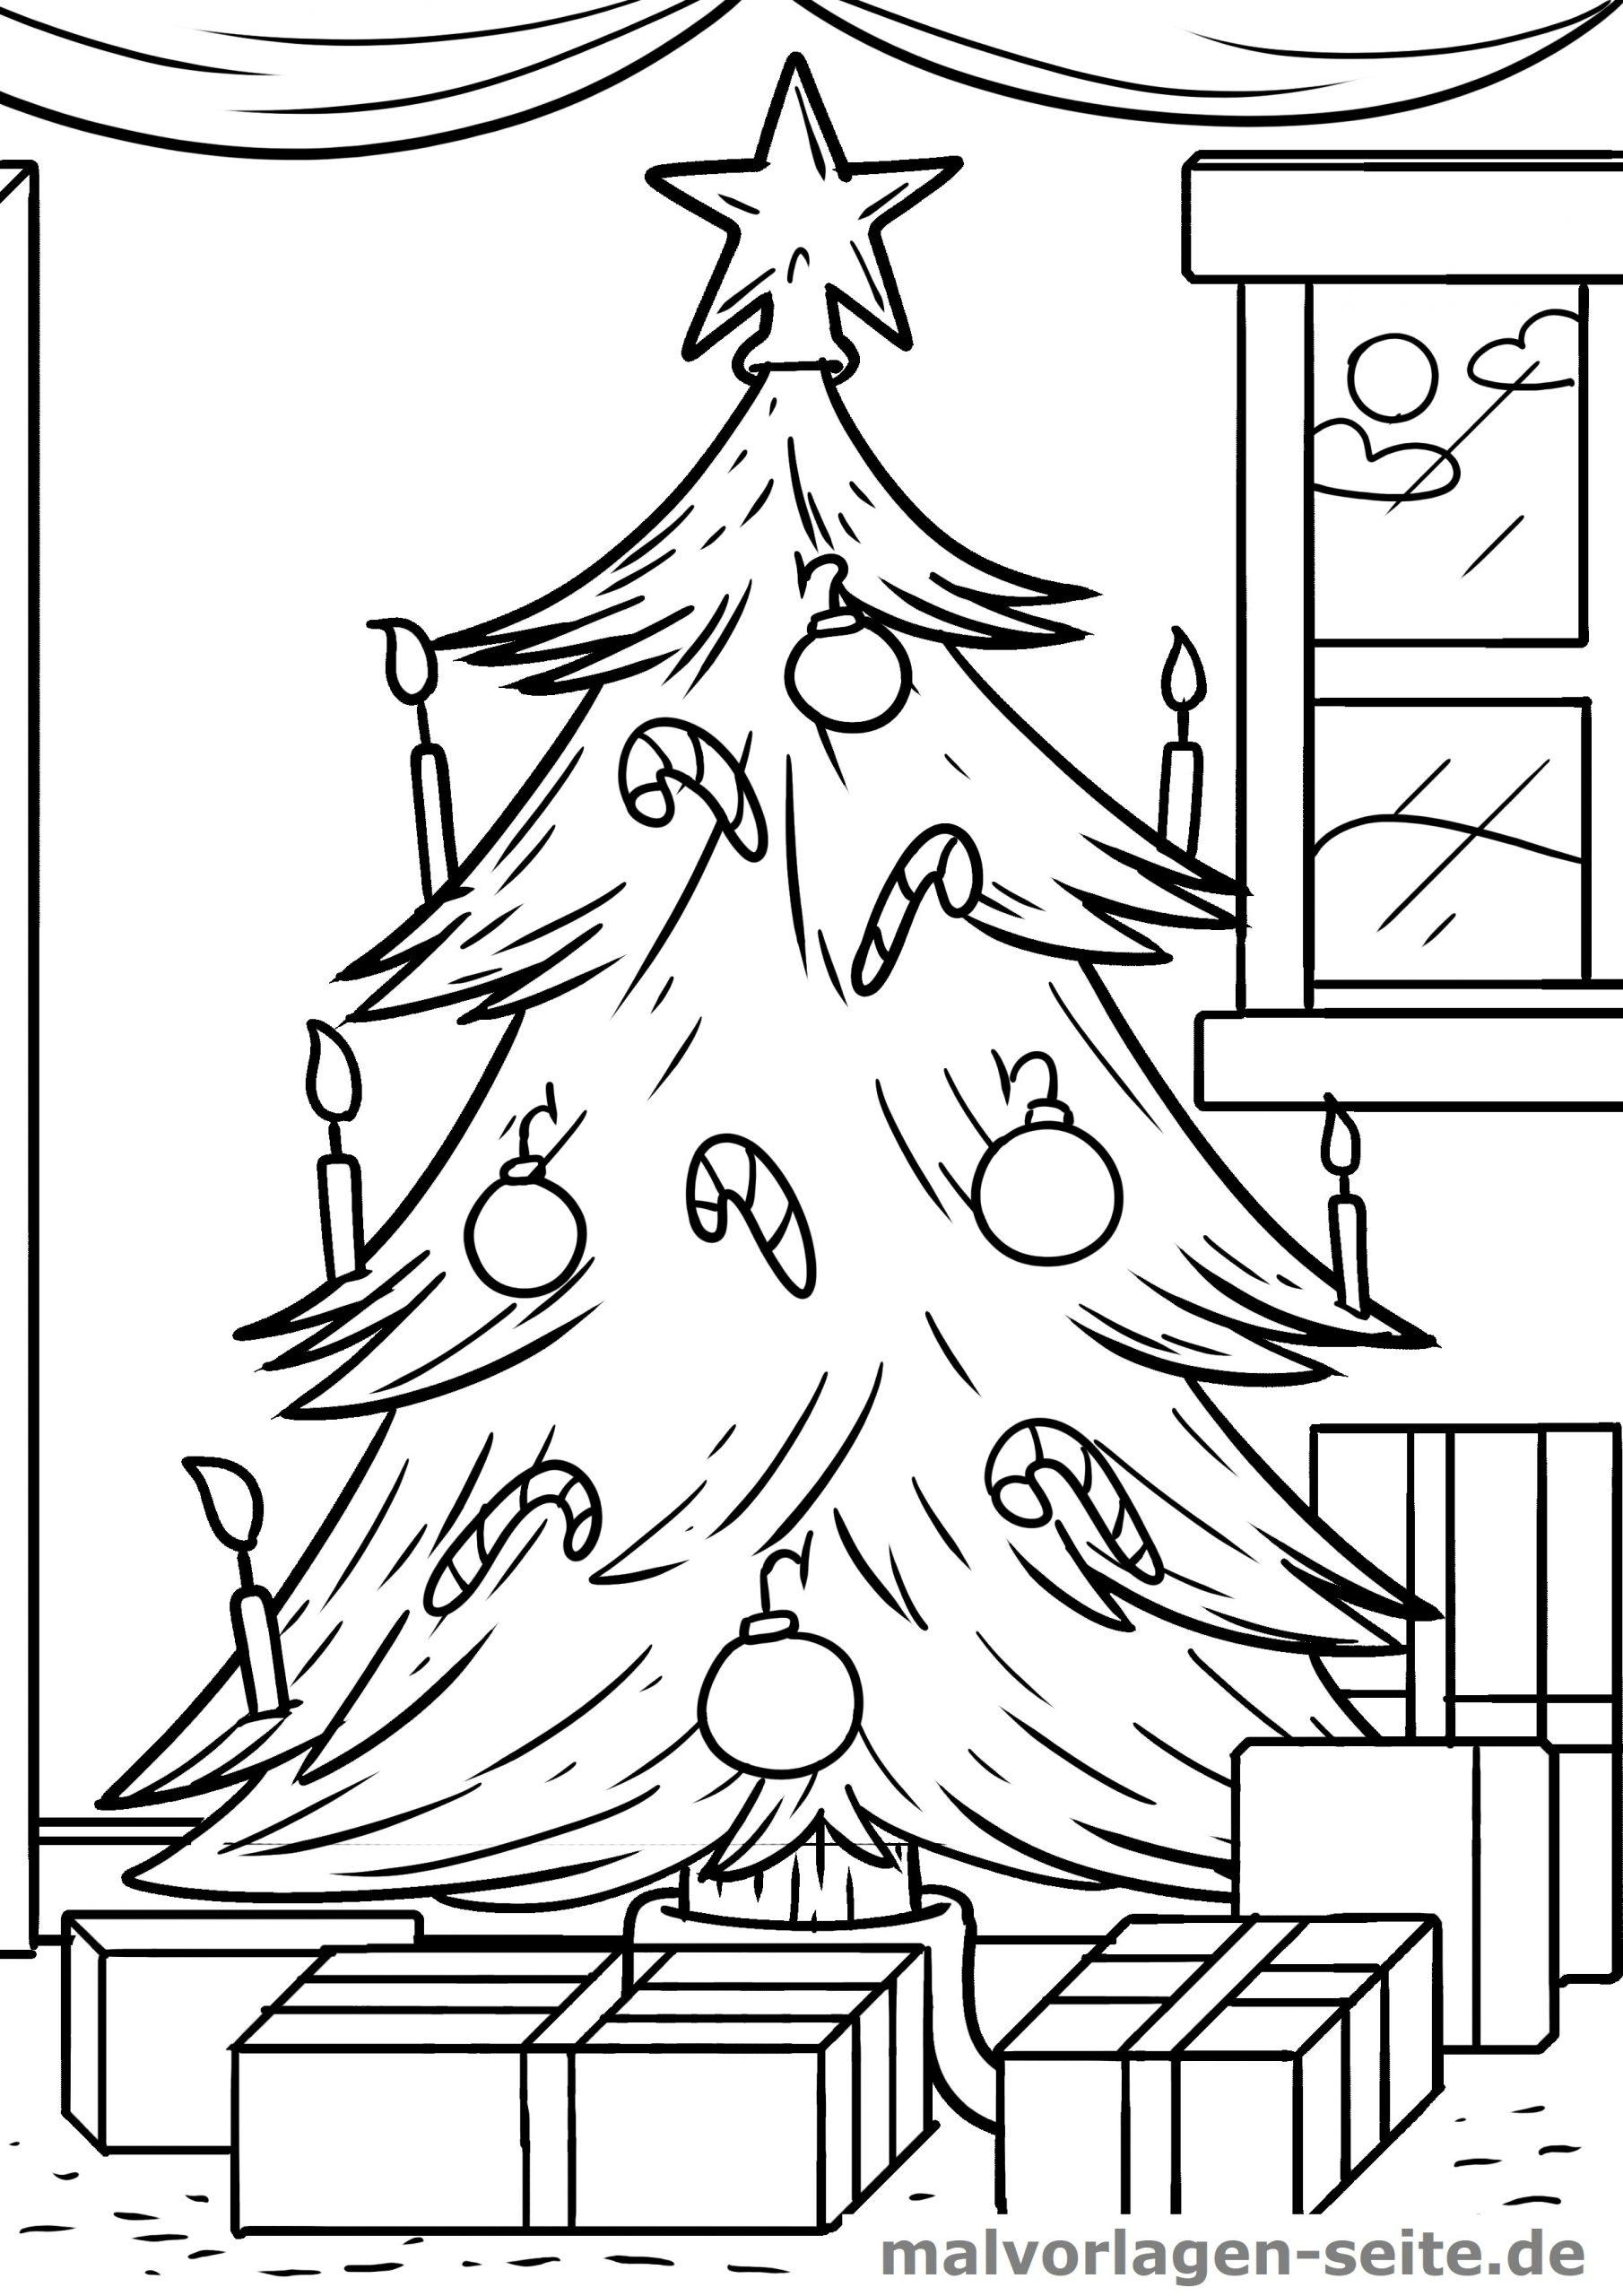 Malvorlage Weihnachten Weihnachtsbaum - Ausmalbilder für Malvorlage Weihnachtsbaum